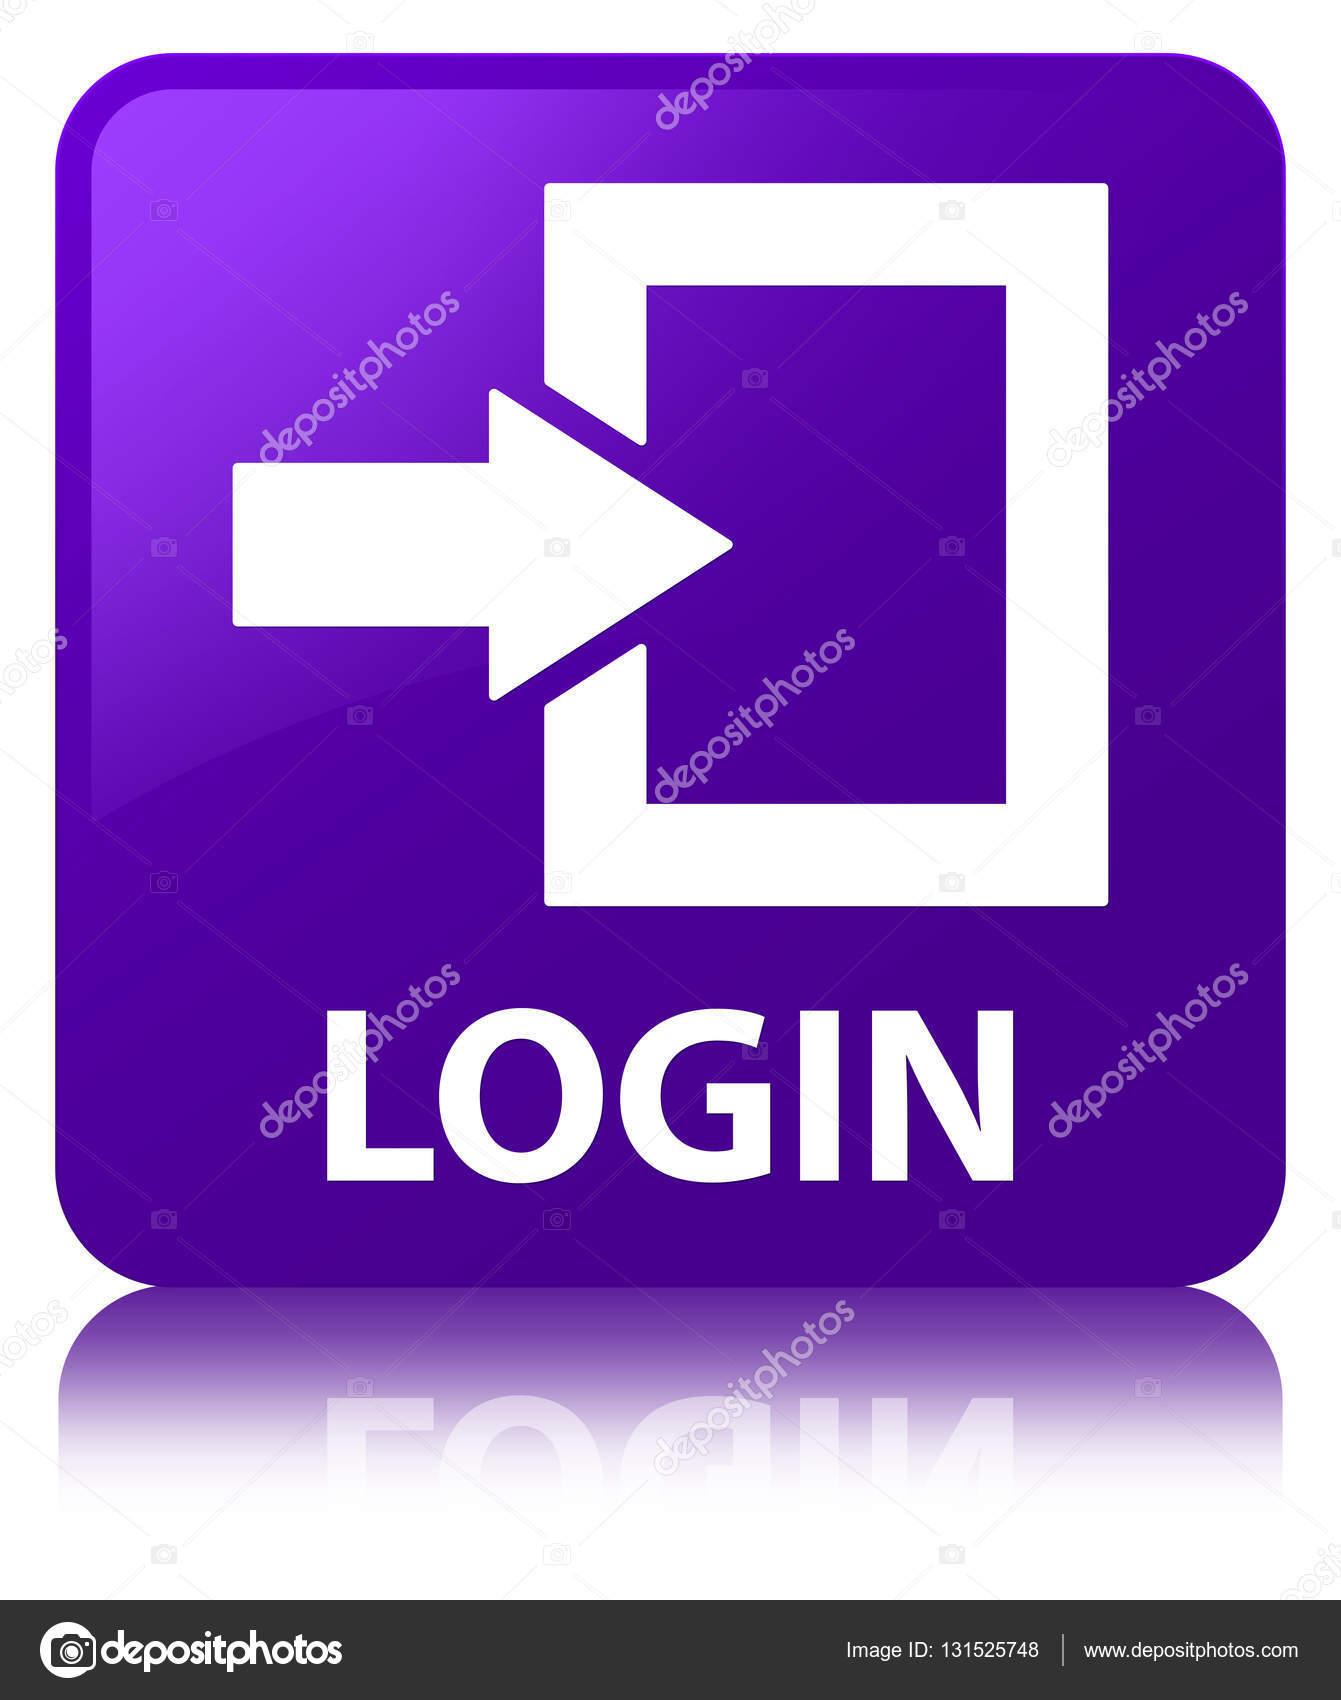 Login purple square button — Stock Photo © FR_Design #131525748